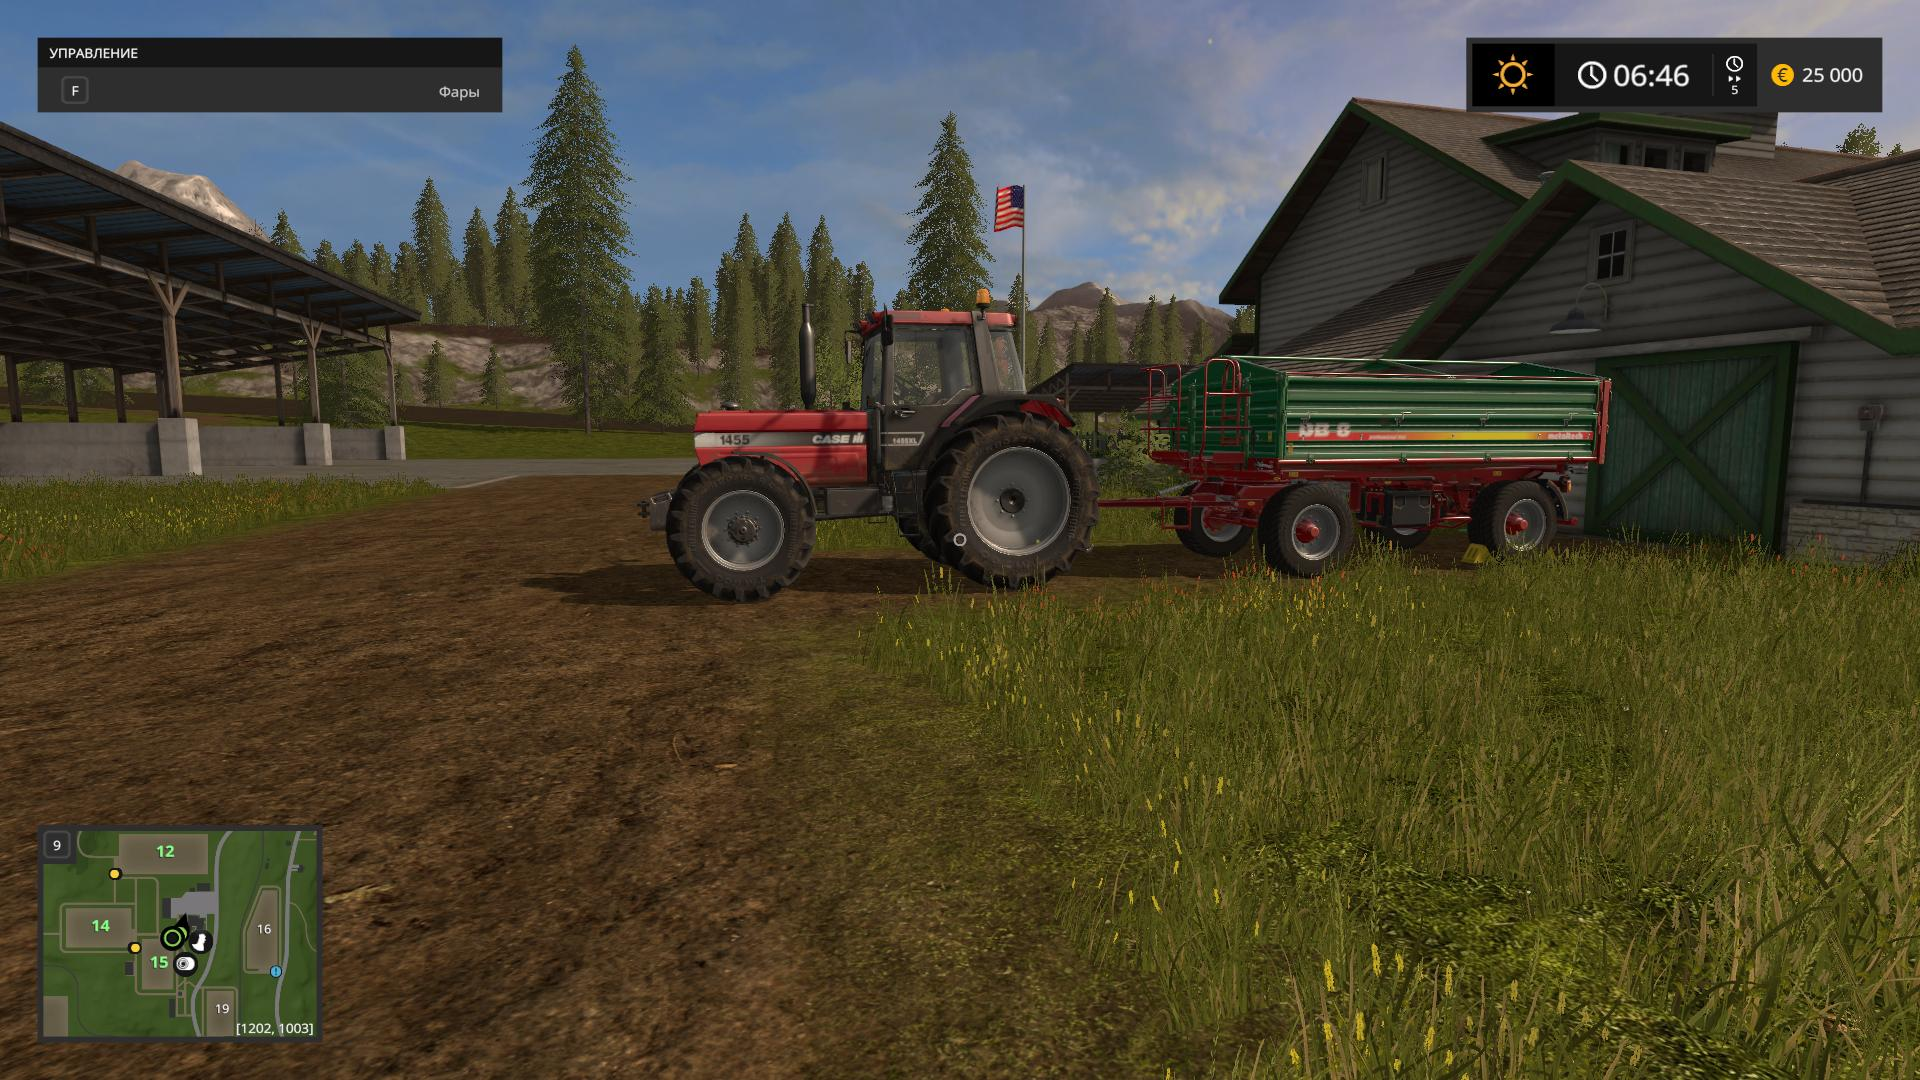 фермер скачать игру через торрент